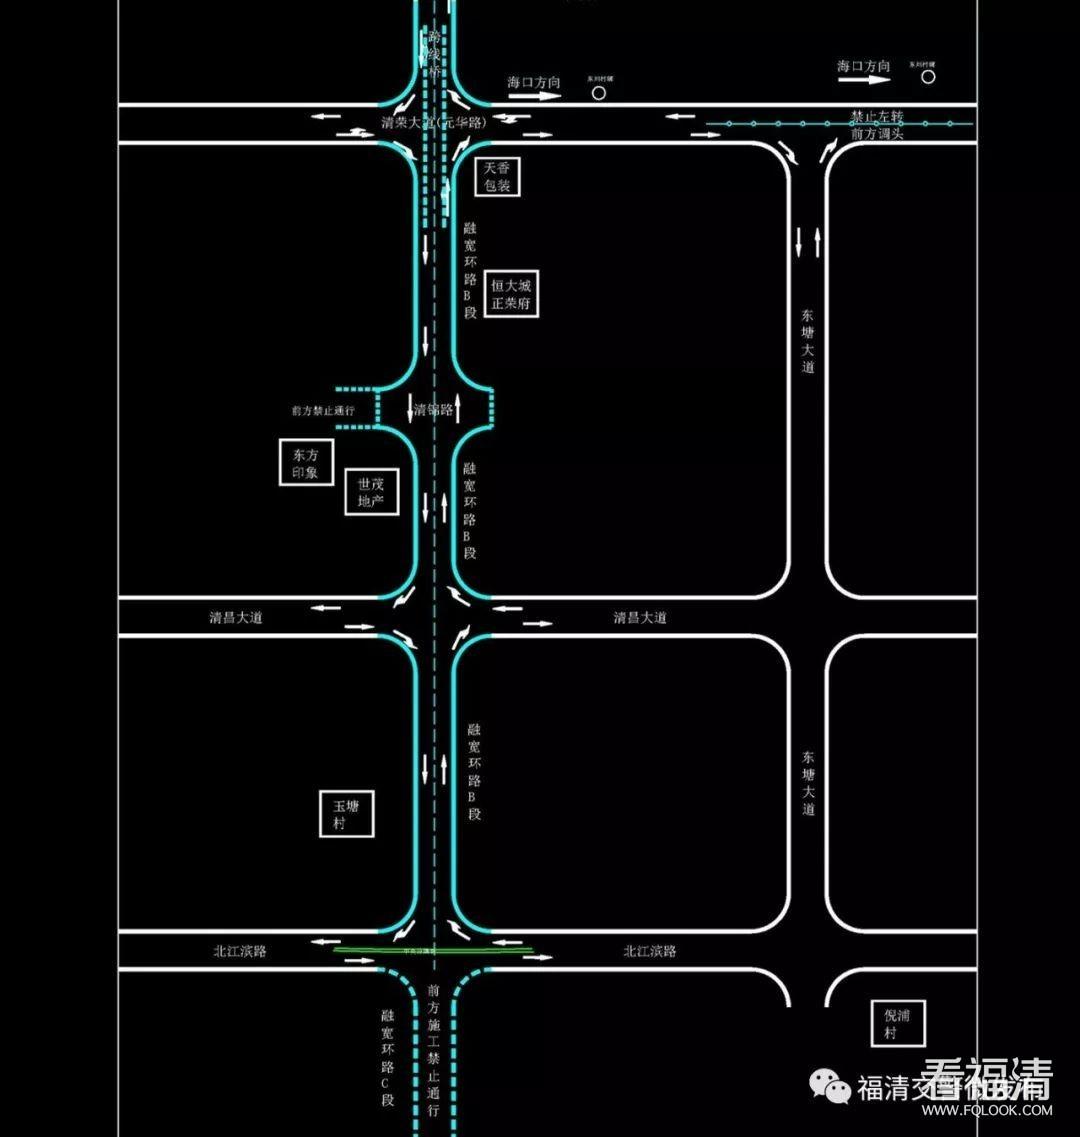 好消息:福清融宽环路B段正式试通车!!